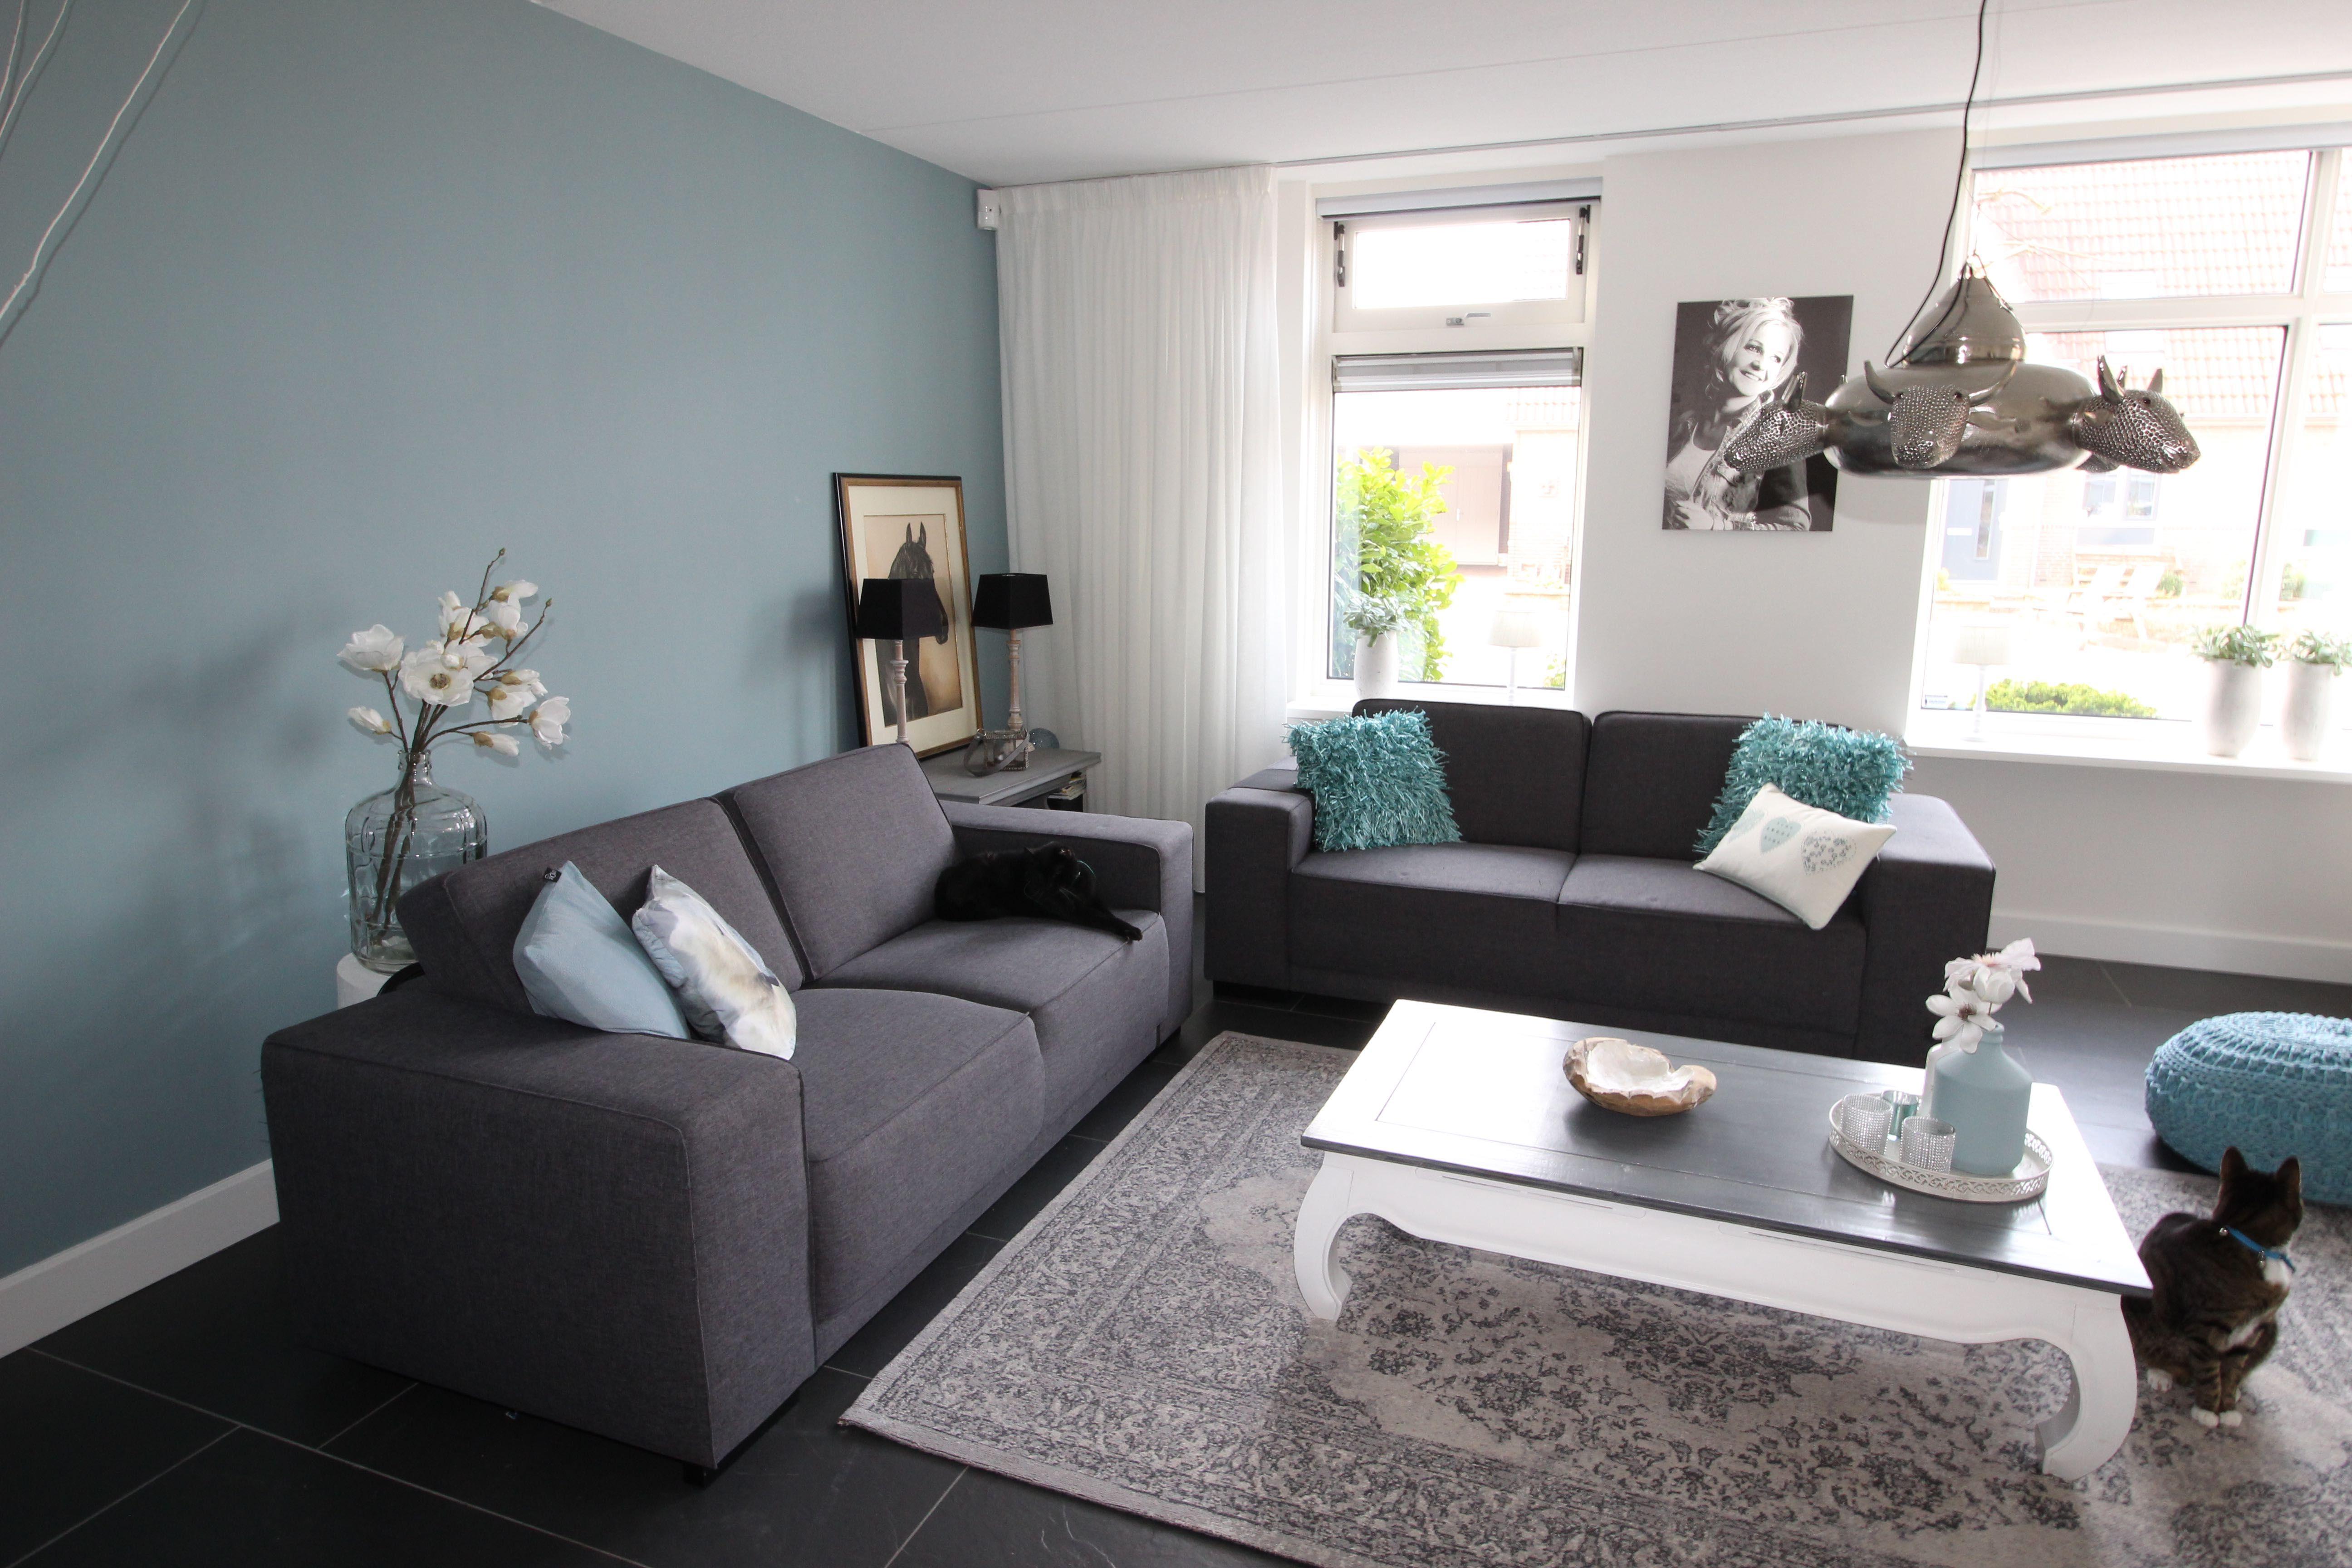 Blauwe Muur Groene Slaapkamer Muren Thuisdecoratie Design Woonkamers